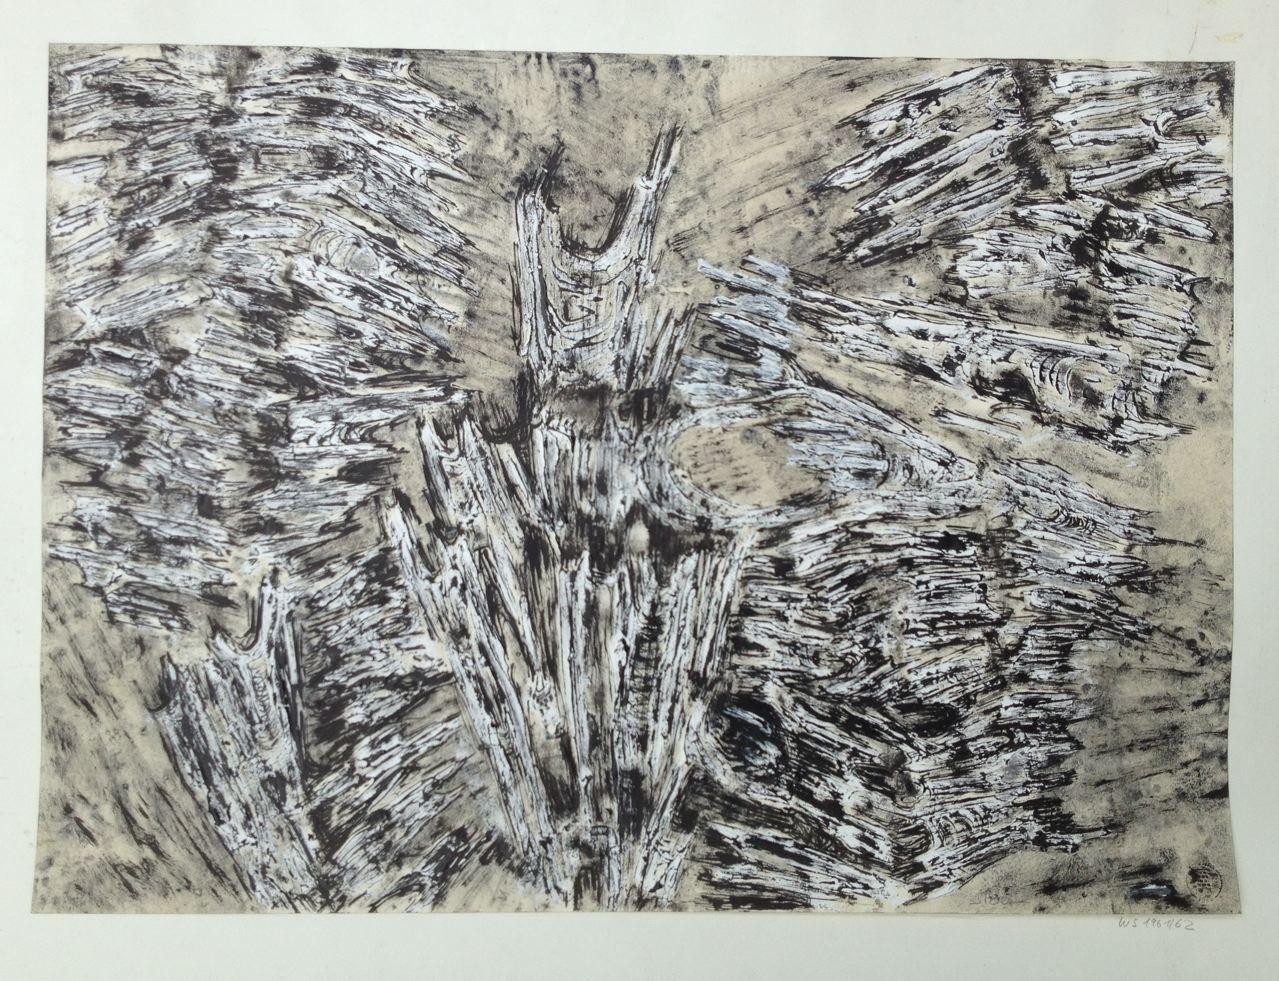 Ohne Titel, Mischtechnik auf Papier, 45 x 62 cm, 1961/1962 (#766)